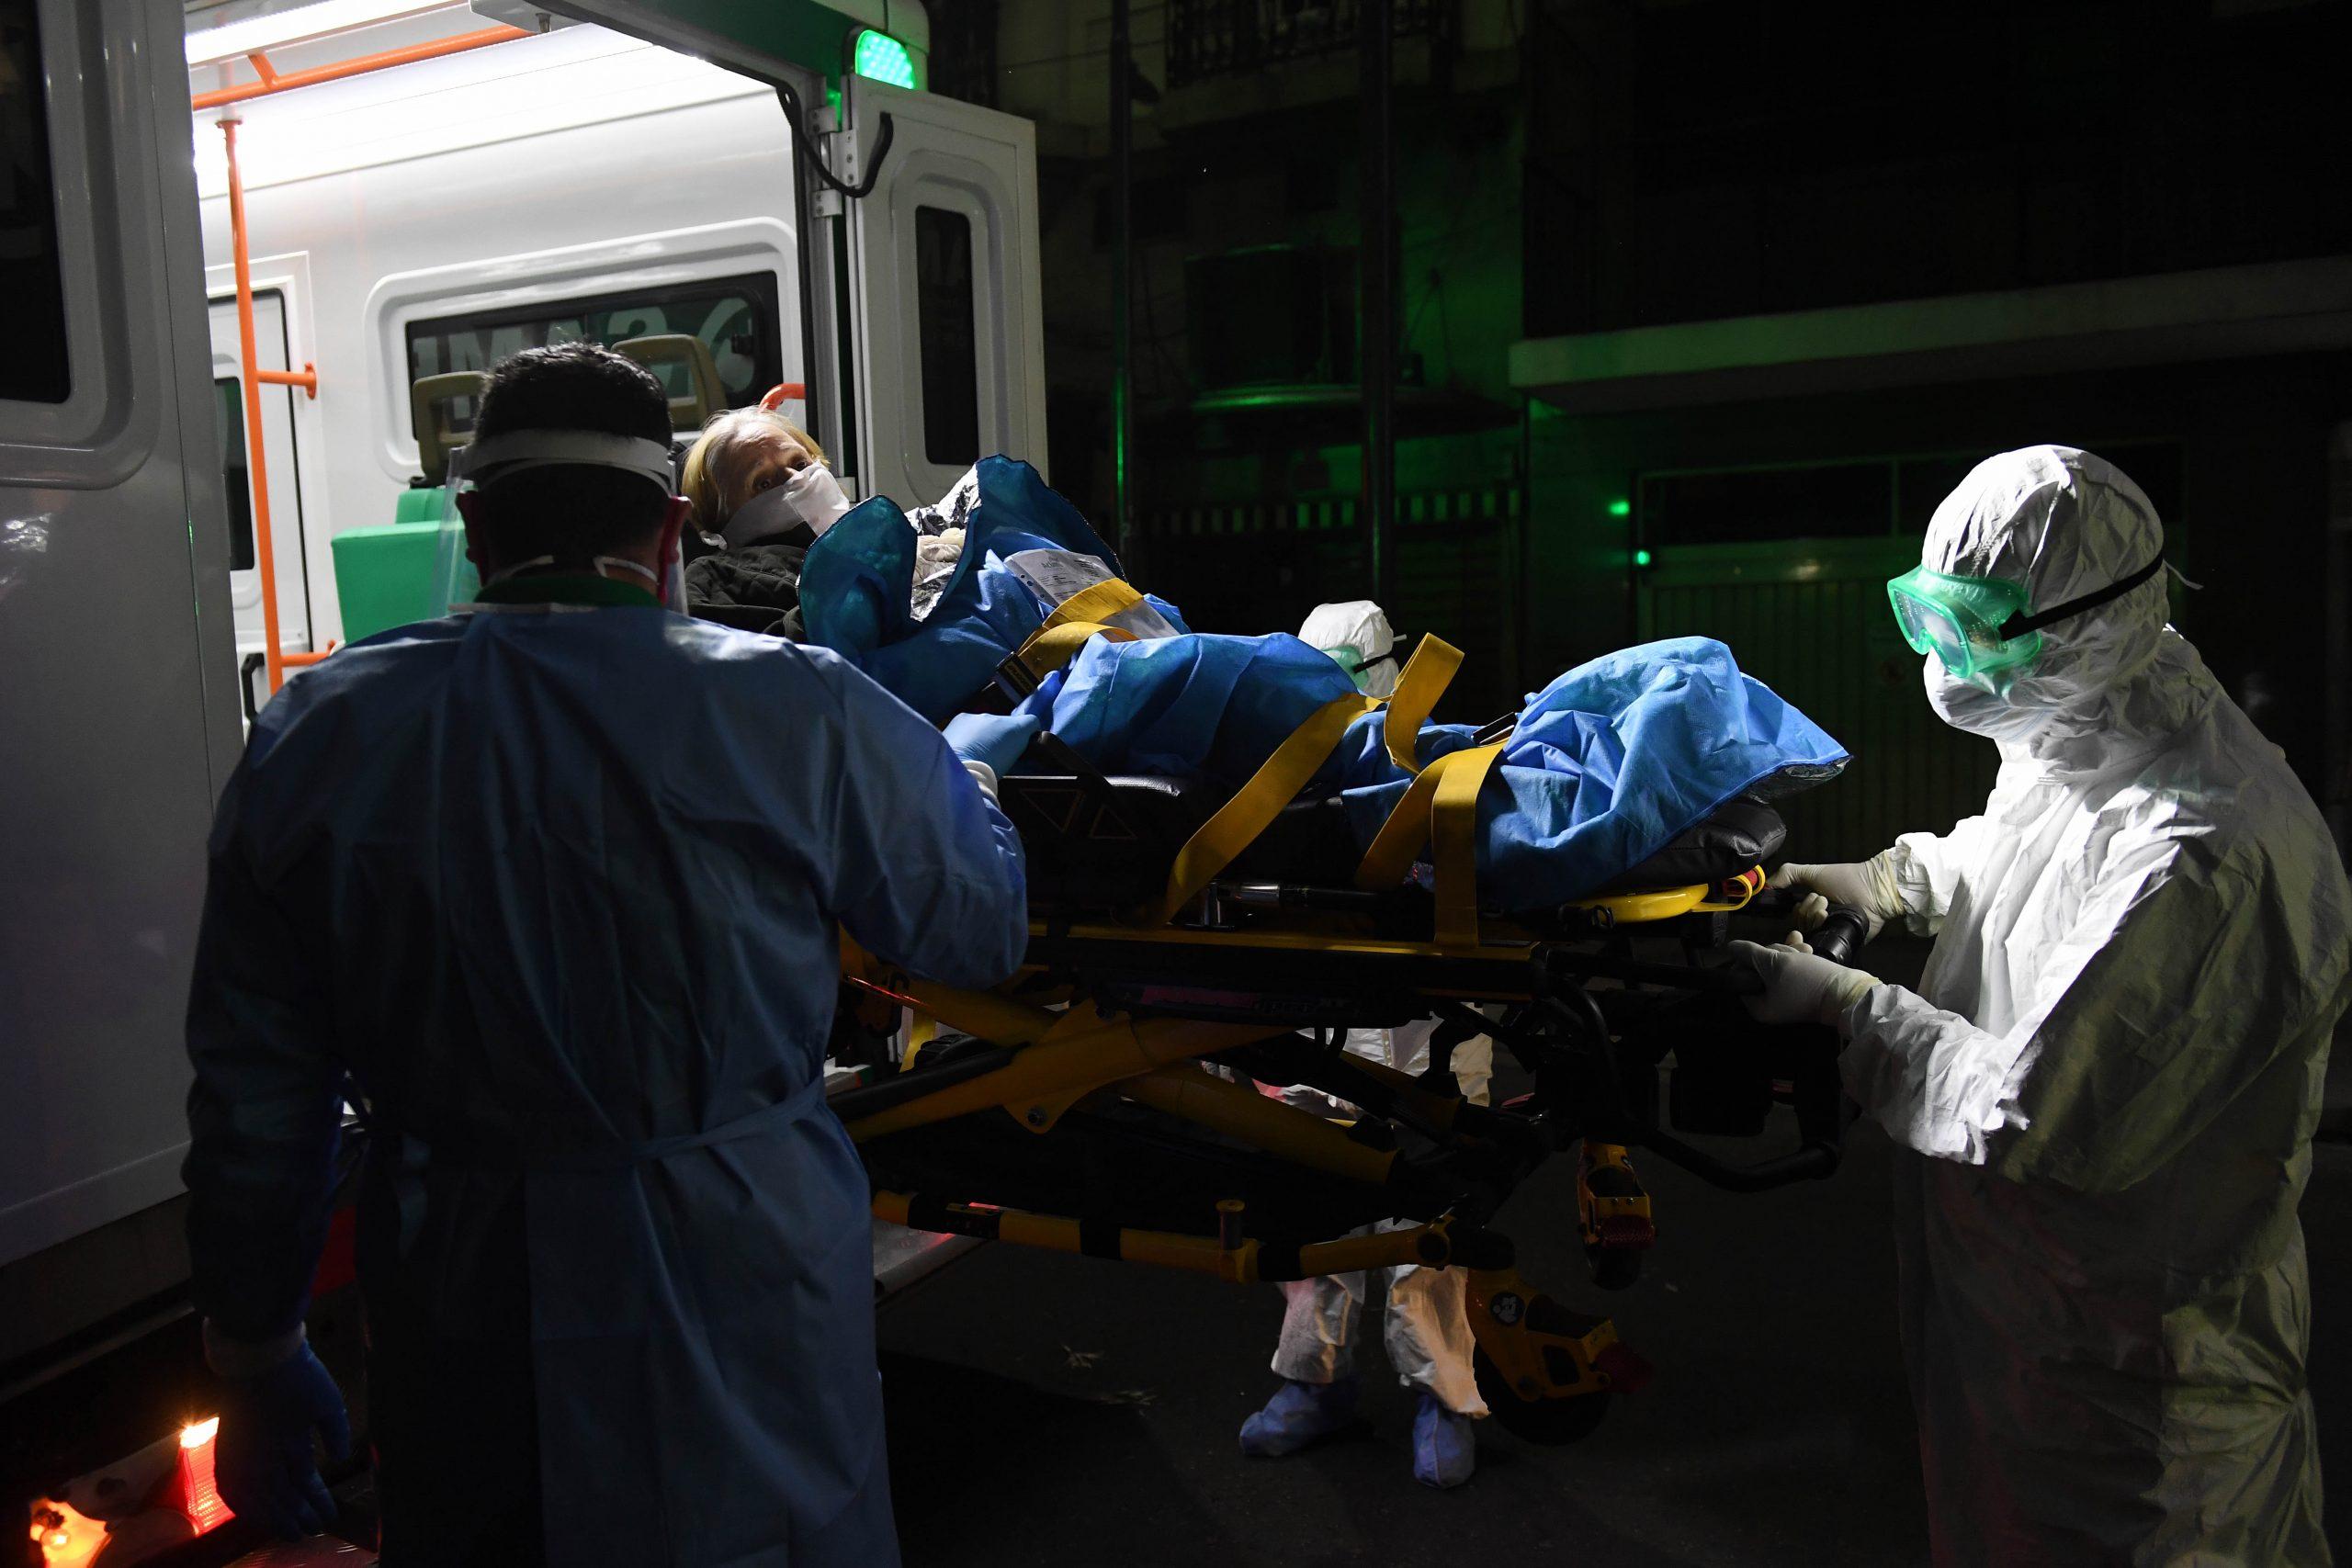 Murieron 29 adultos mayores por coronavirus en geriátricos porteños desde la llegada de la pandemia